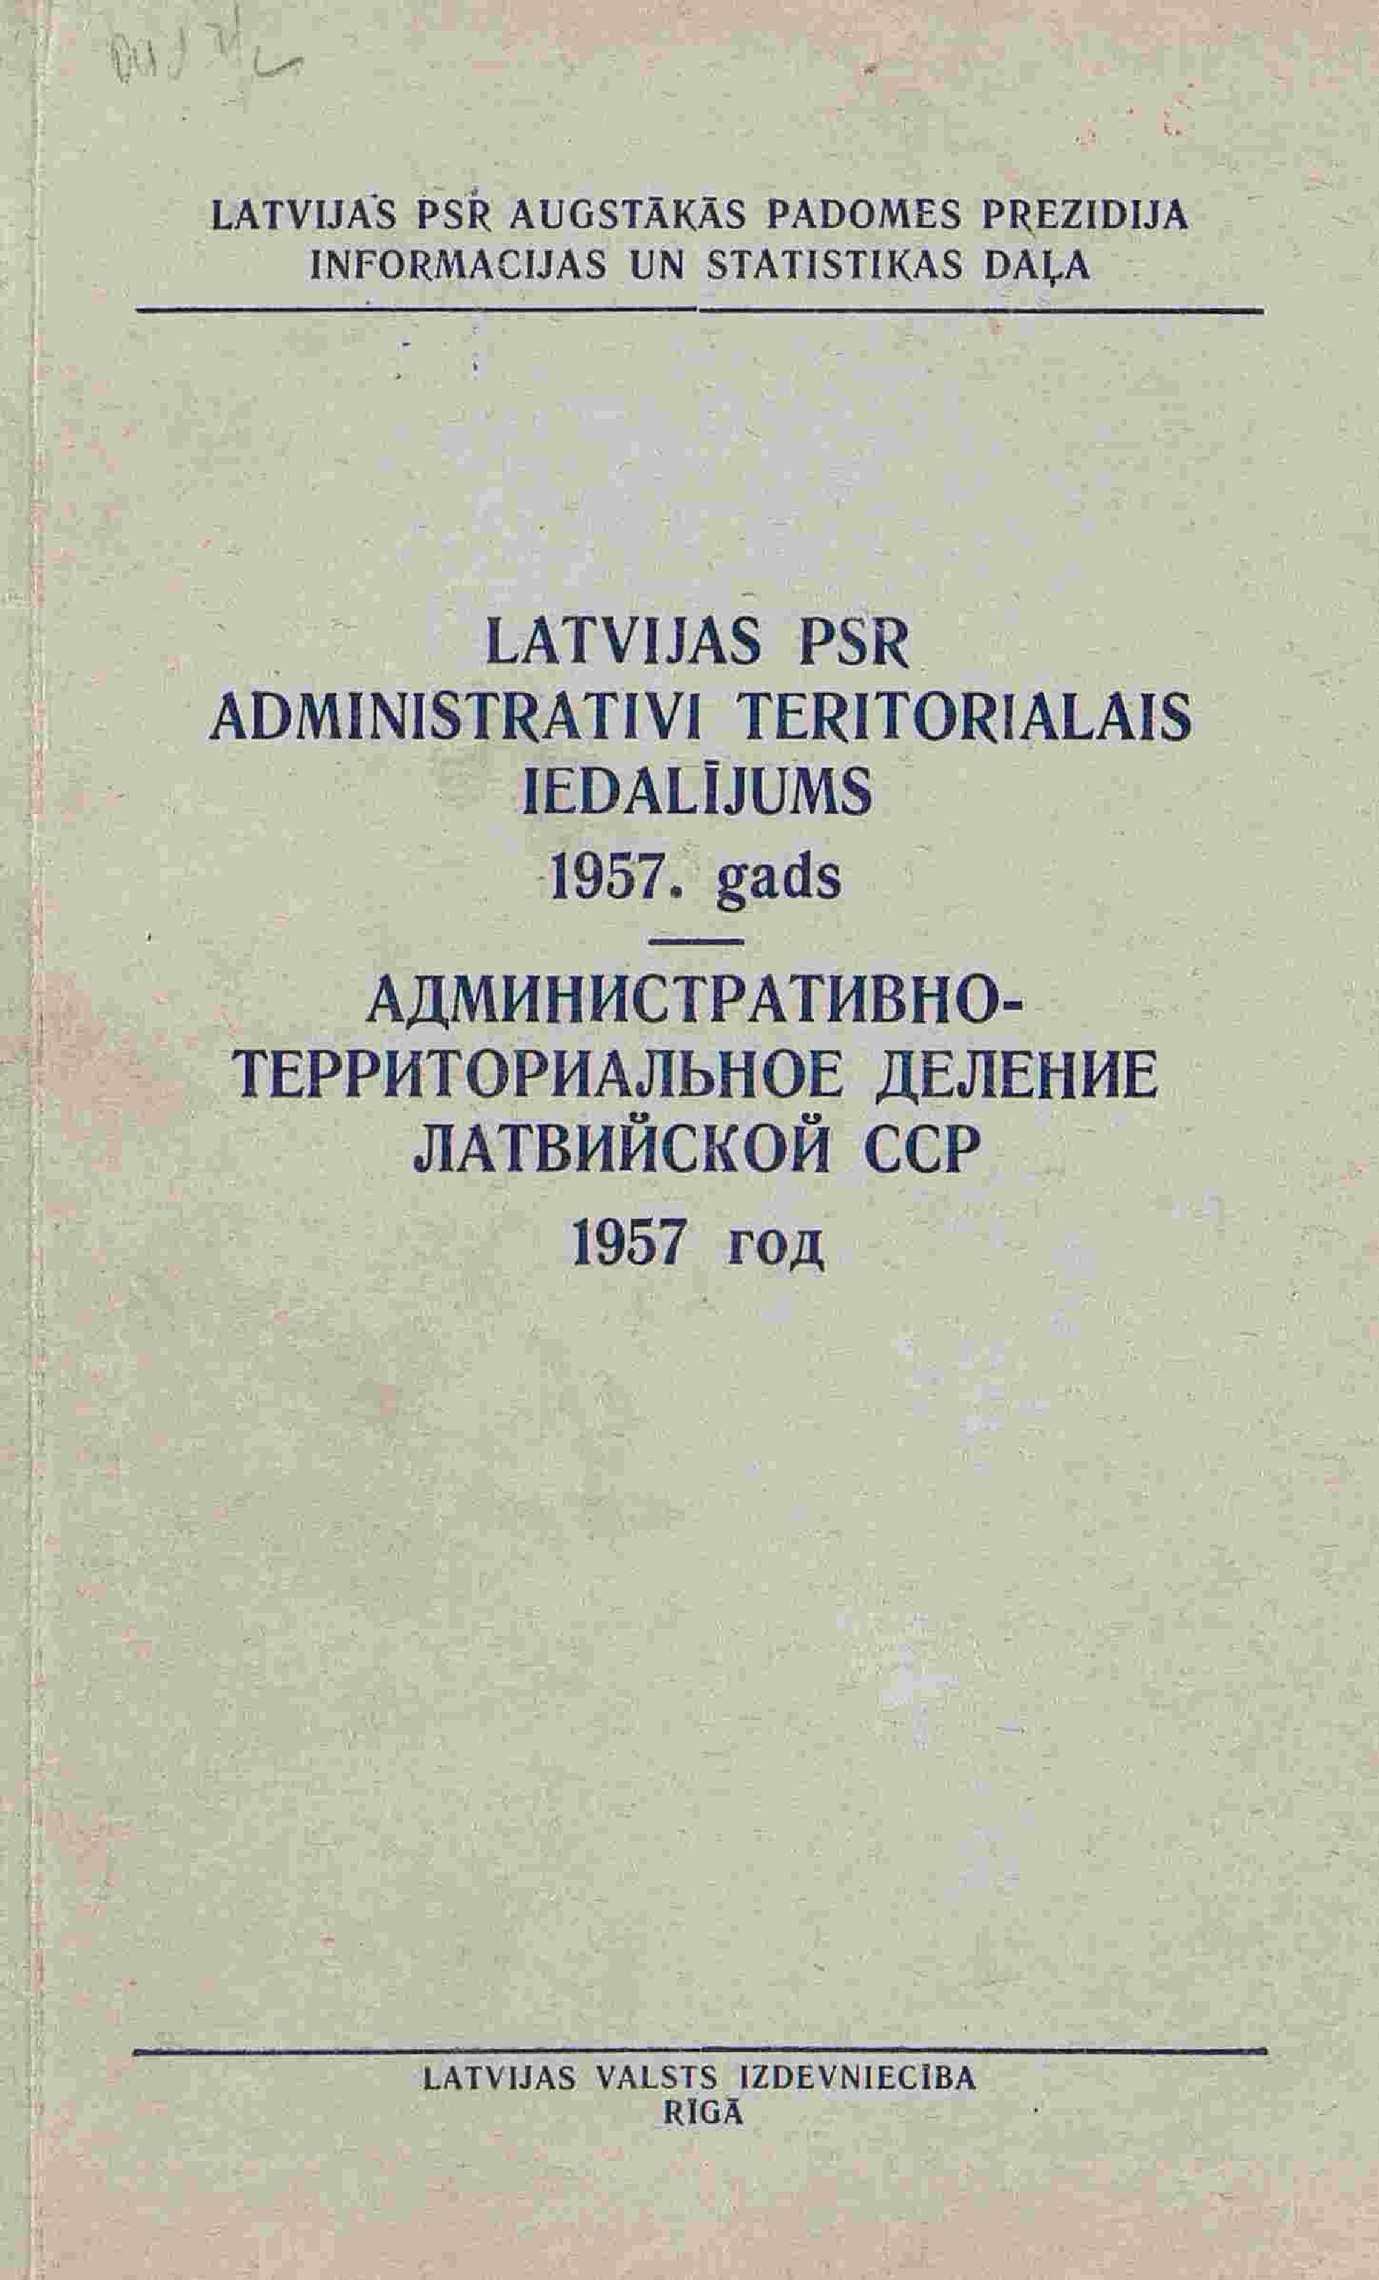 1957. Административно-территориальное деление Латвийской ССР 1957 год.